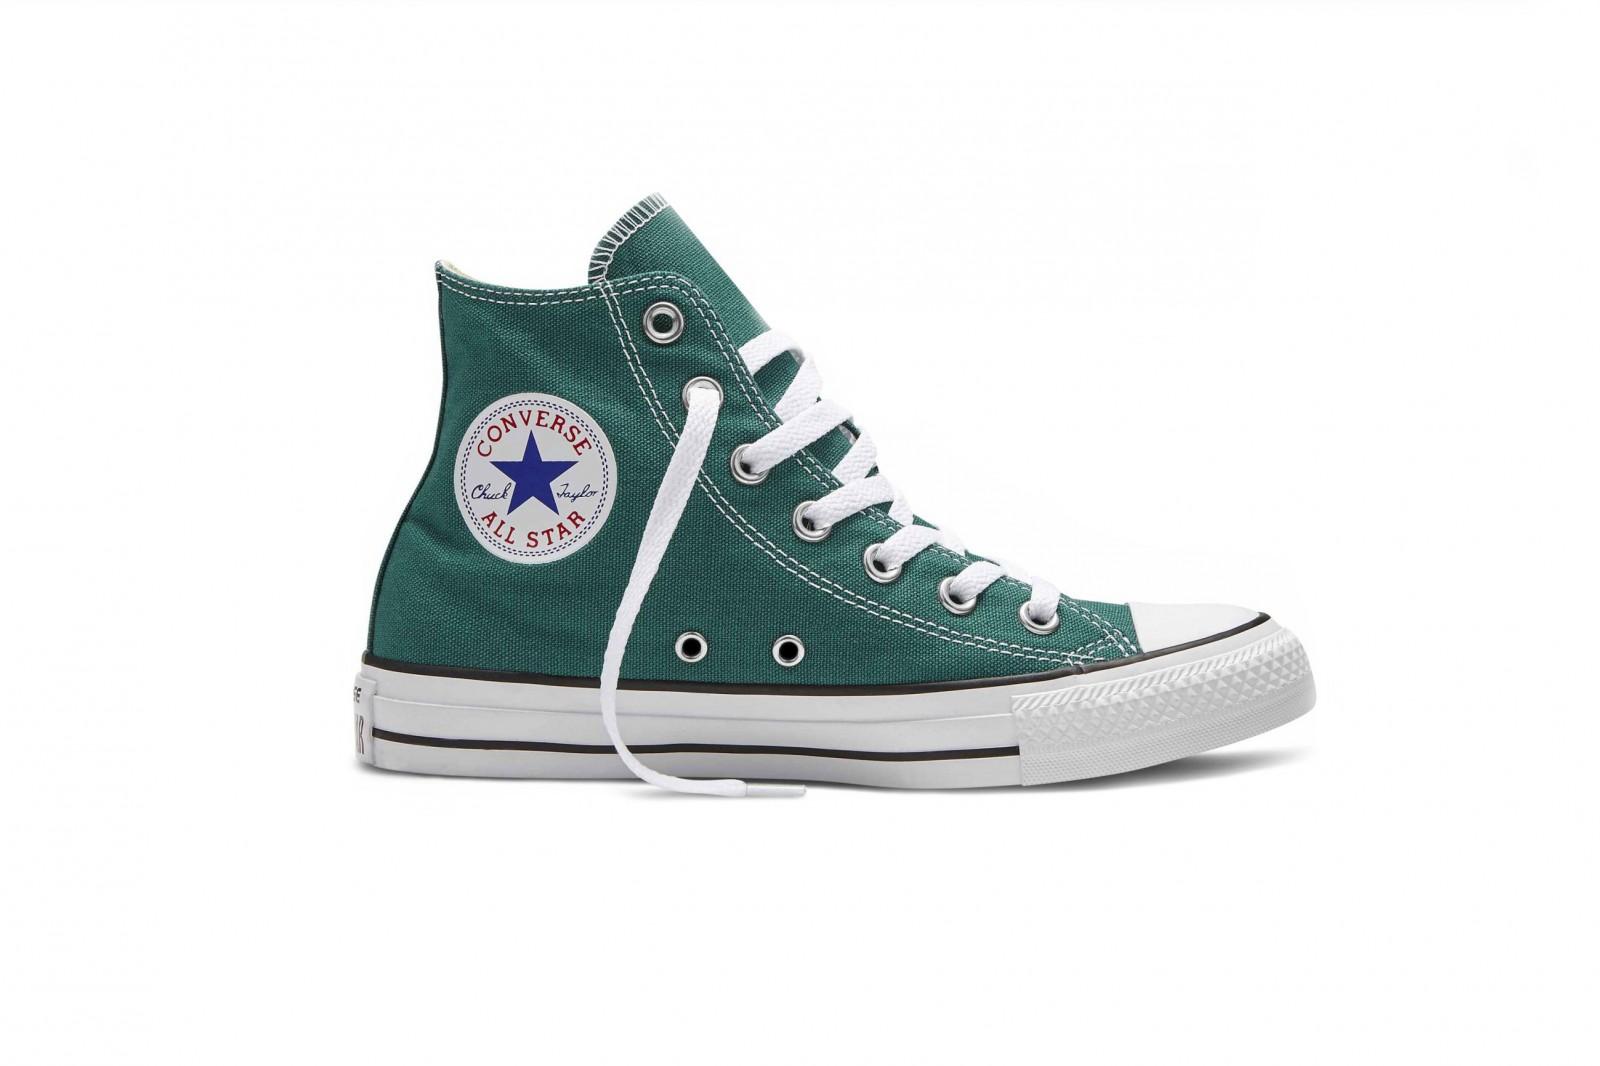 a11665e1003 Unisex kotníkové boty Converse Chuck Taylor All Star zelené